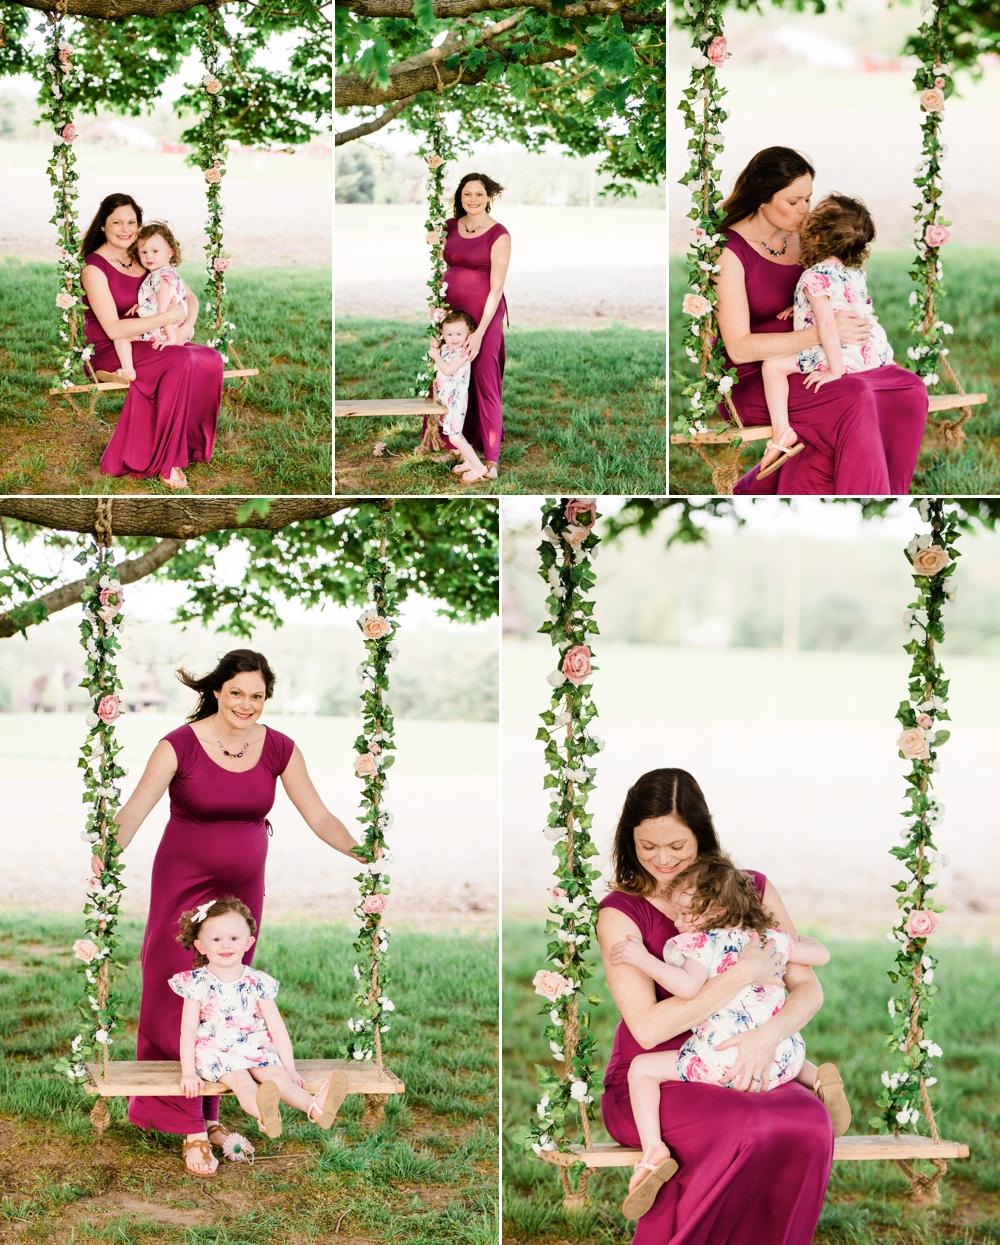 foote mommy me 3.jpg